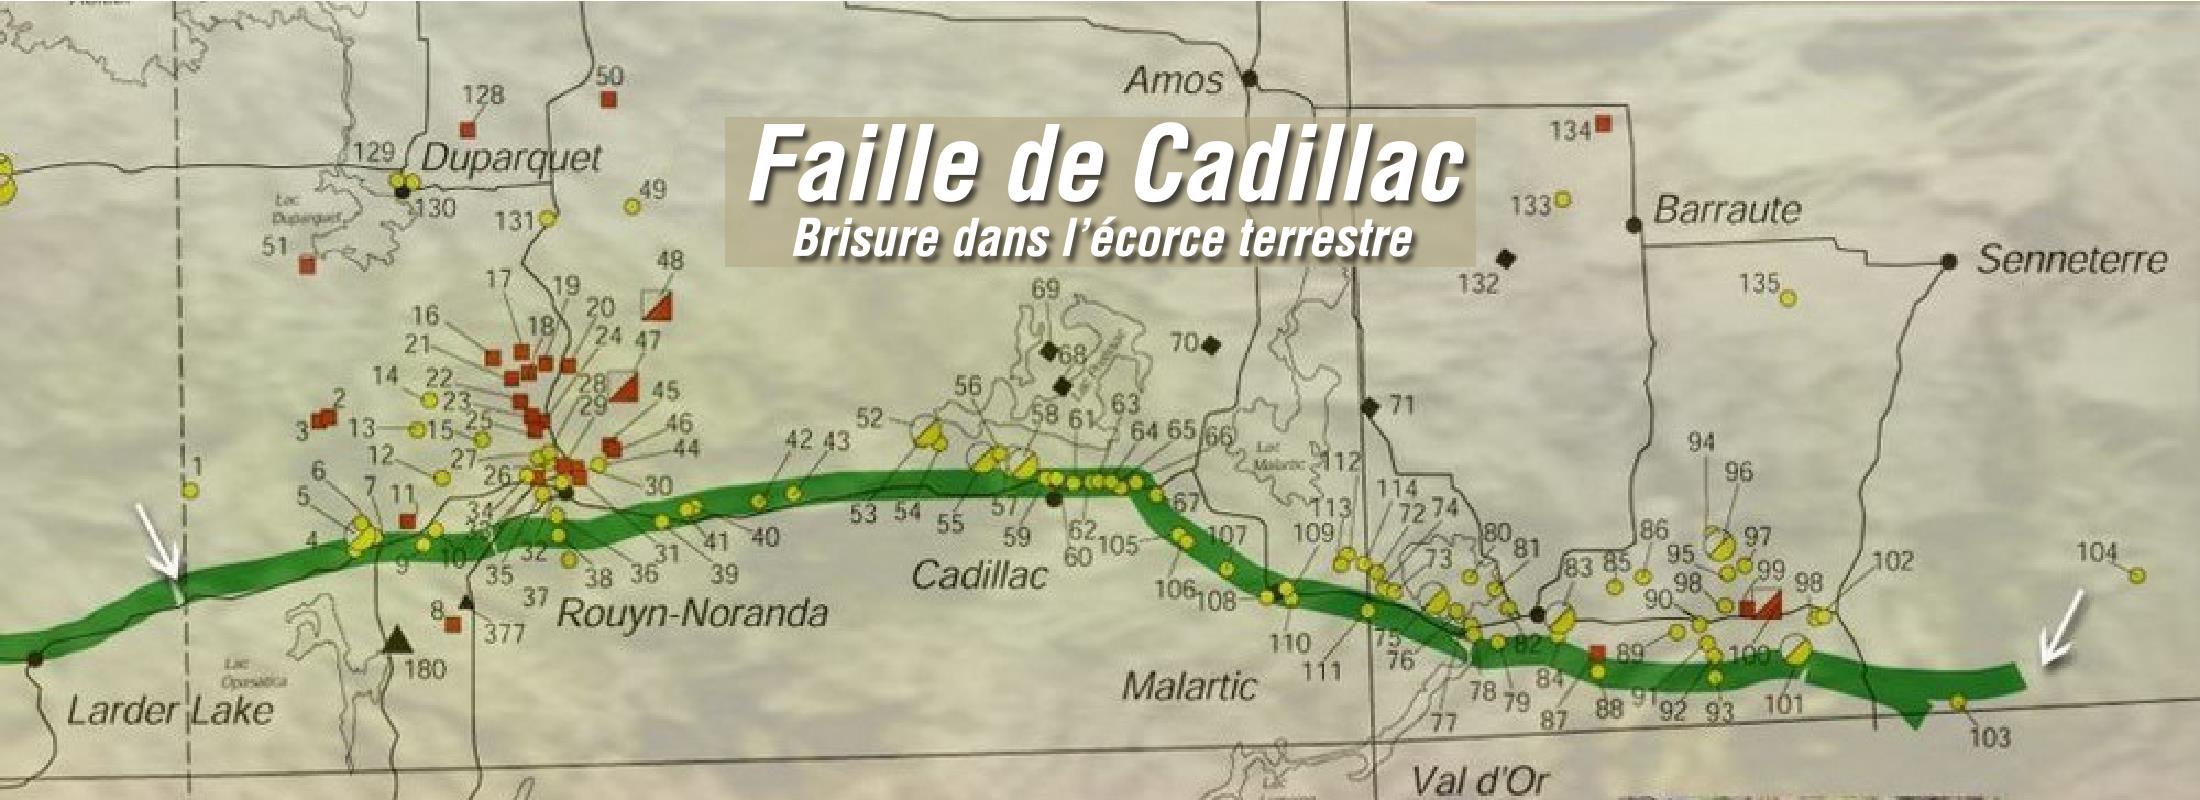 Carte montrant la portion de la faille de Cadillac située en Abitibi-Témiscamingue